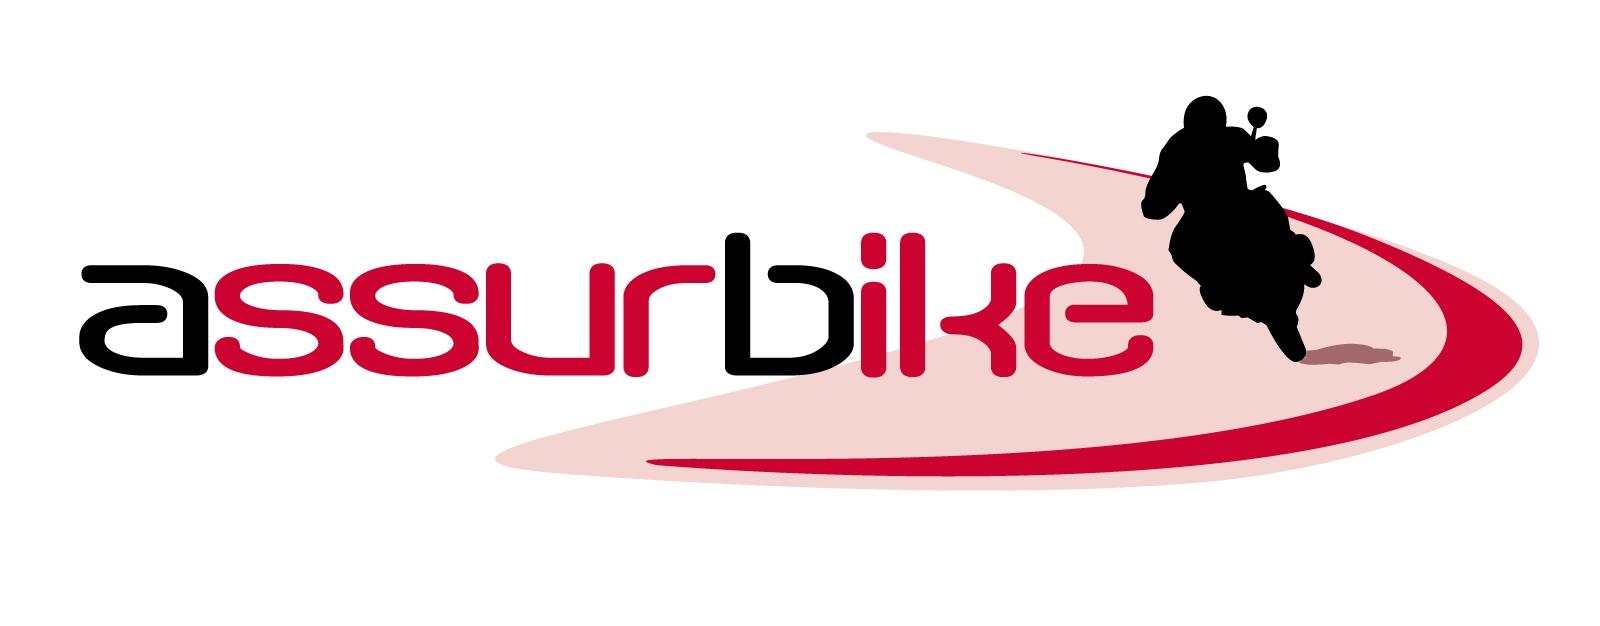 LogoAssurBike_1600px(1)